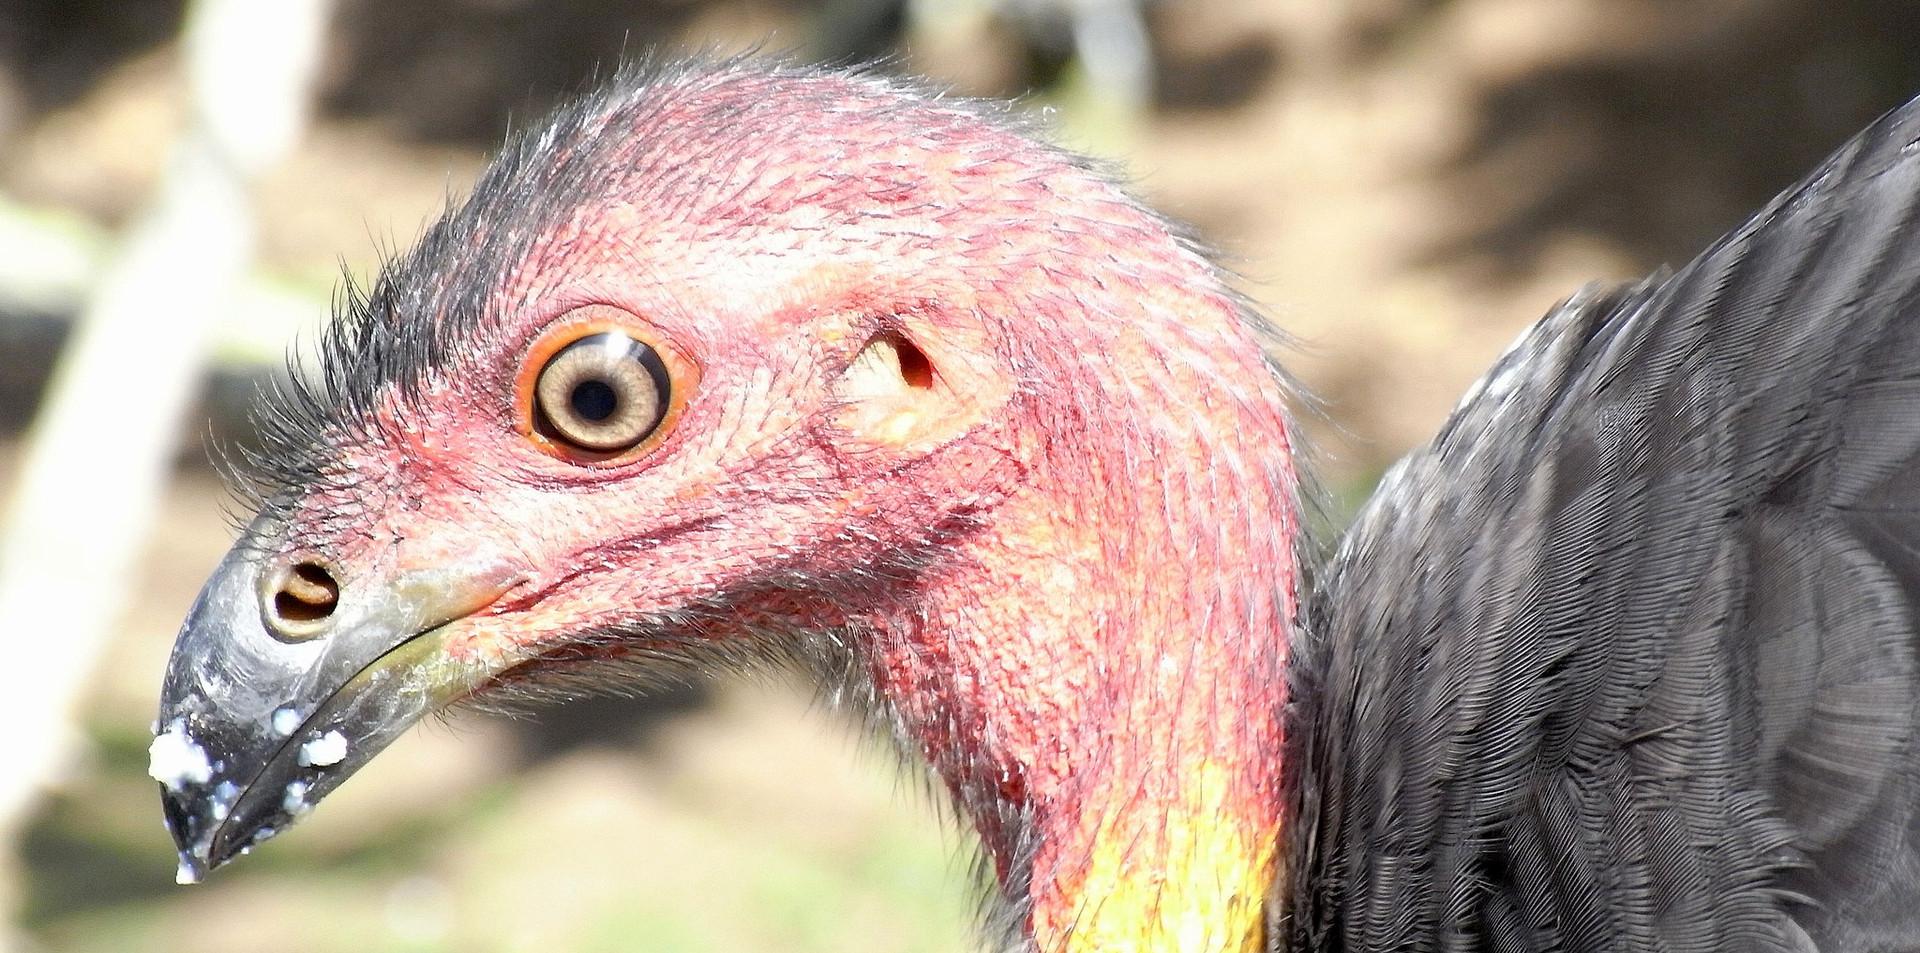 Adult Australian Brush-turkey face